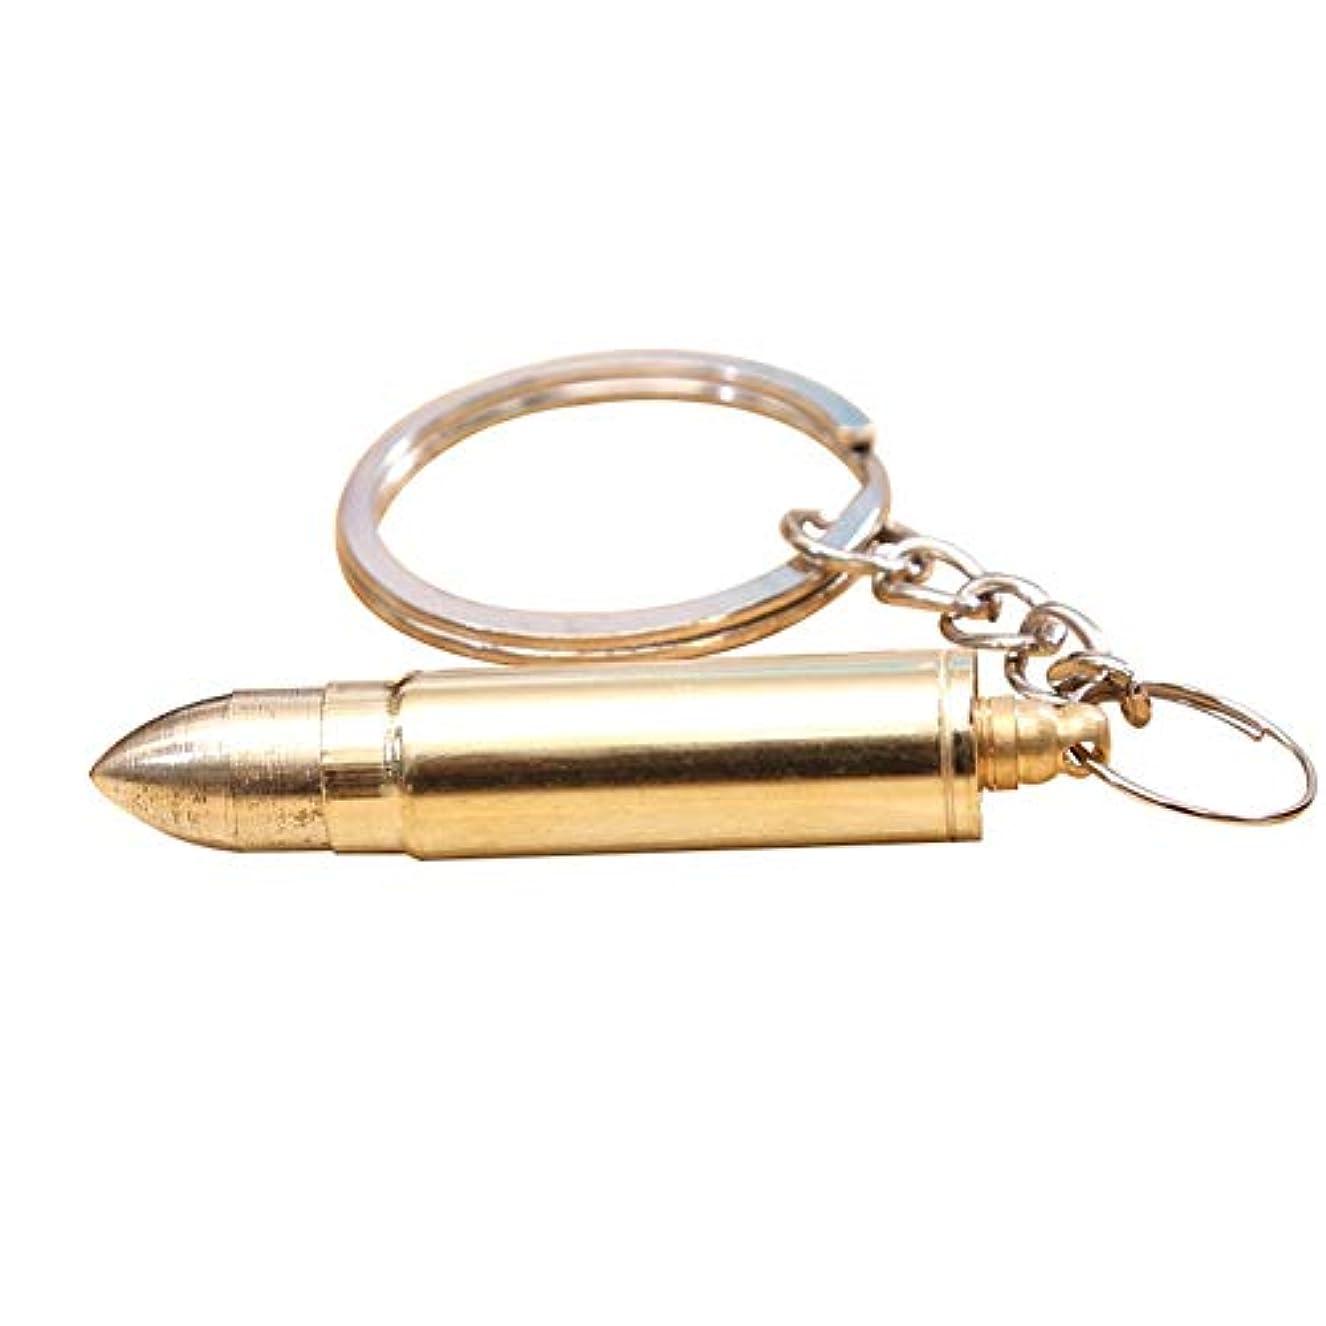 準備ができて不倫しおれたZHQI-GH 弾丸形の耳垢クリーナーポータブル折りたたみ式の耳のワックスの取り外しツール耳のスプーンの耳かき付きキーホルダー27 (Color : Gold, Size : 1pcs)